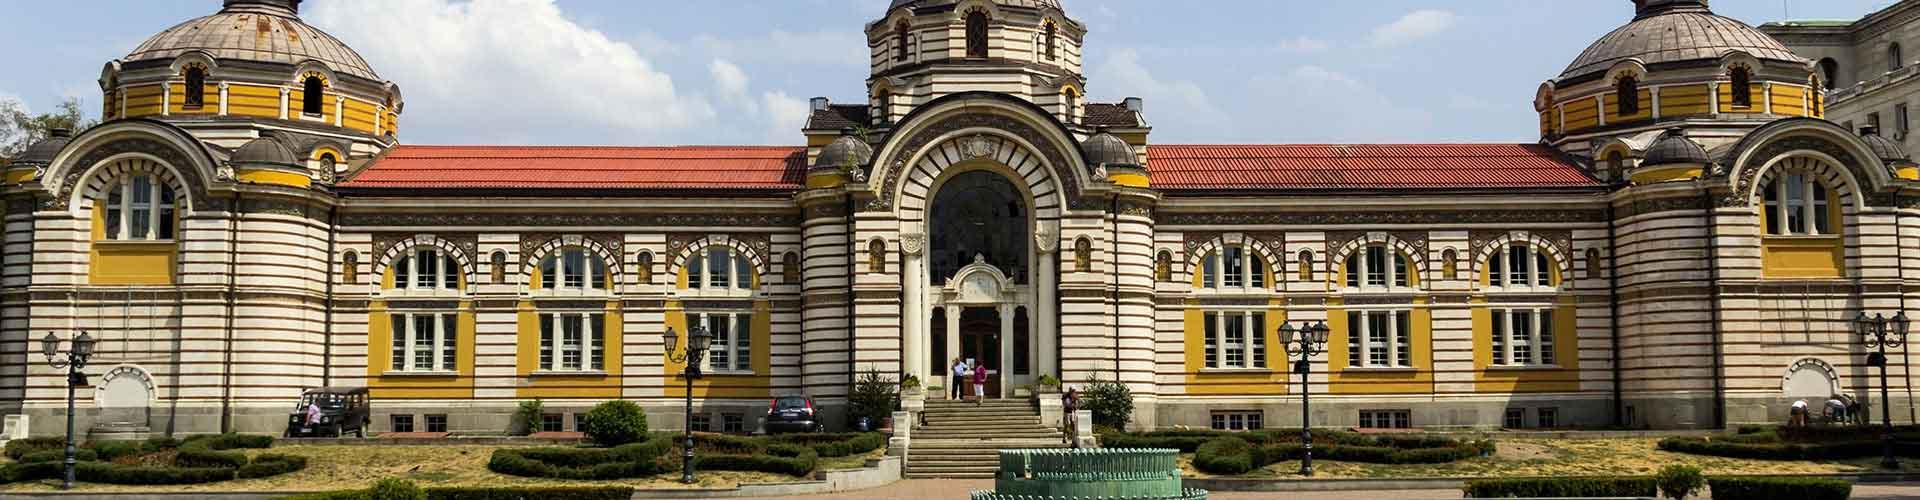 소피아 - Mladost지역에 위치한 호텔. 소피아의 지도, 소피아에 위치한 호텔에 대한 사진 및 리뷰.